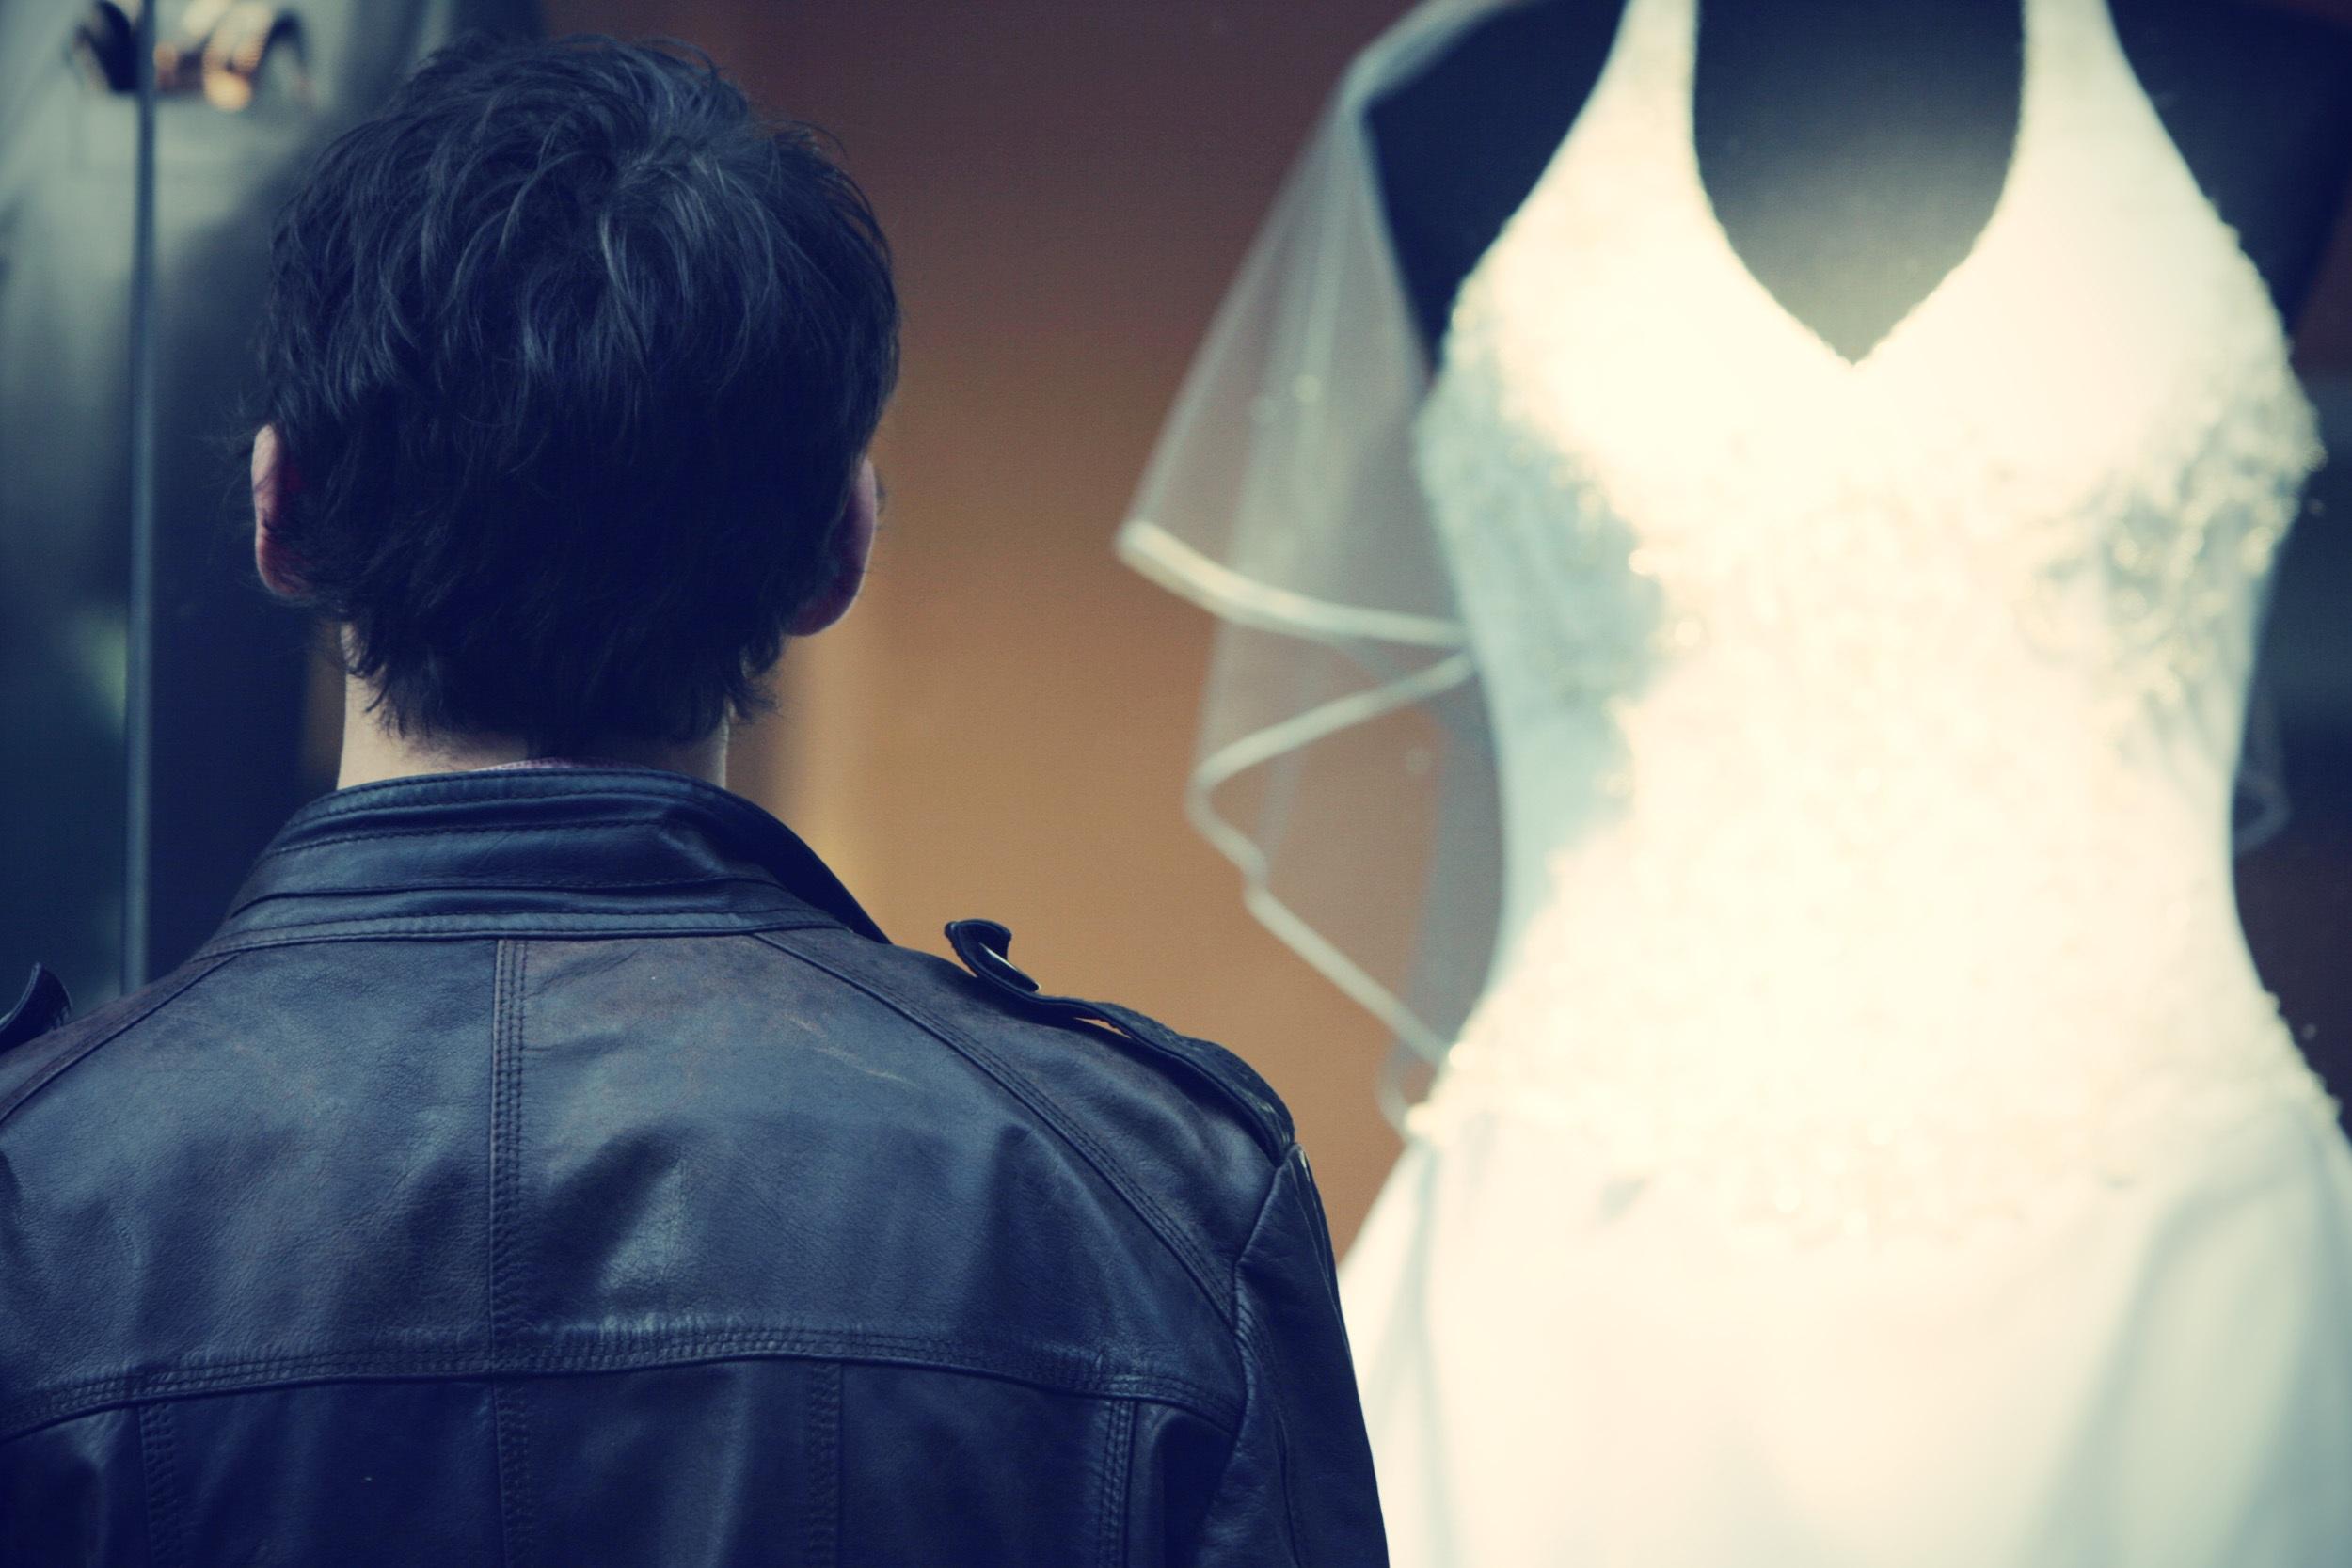 【結婚の恋愛失敗談1】焦る28歳の私、年齢的なタイムリミット迫りプロポーズ大作戦決行も敢え無く撃沈